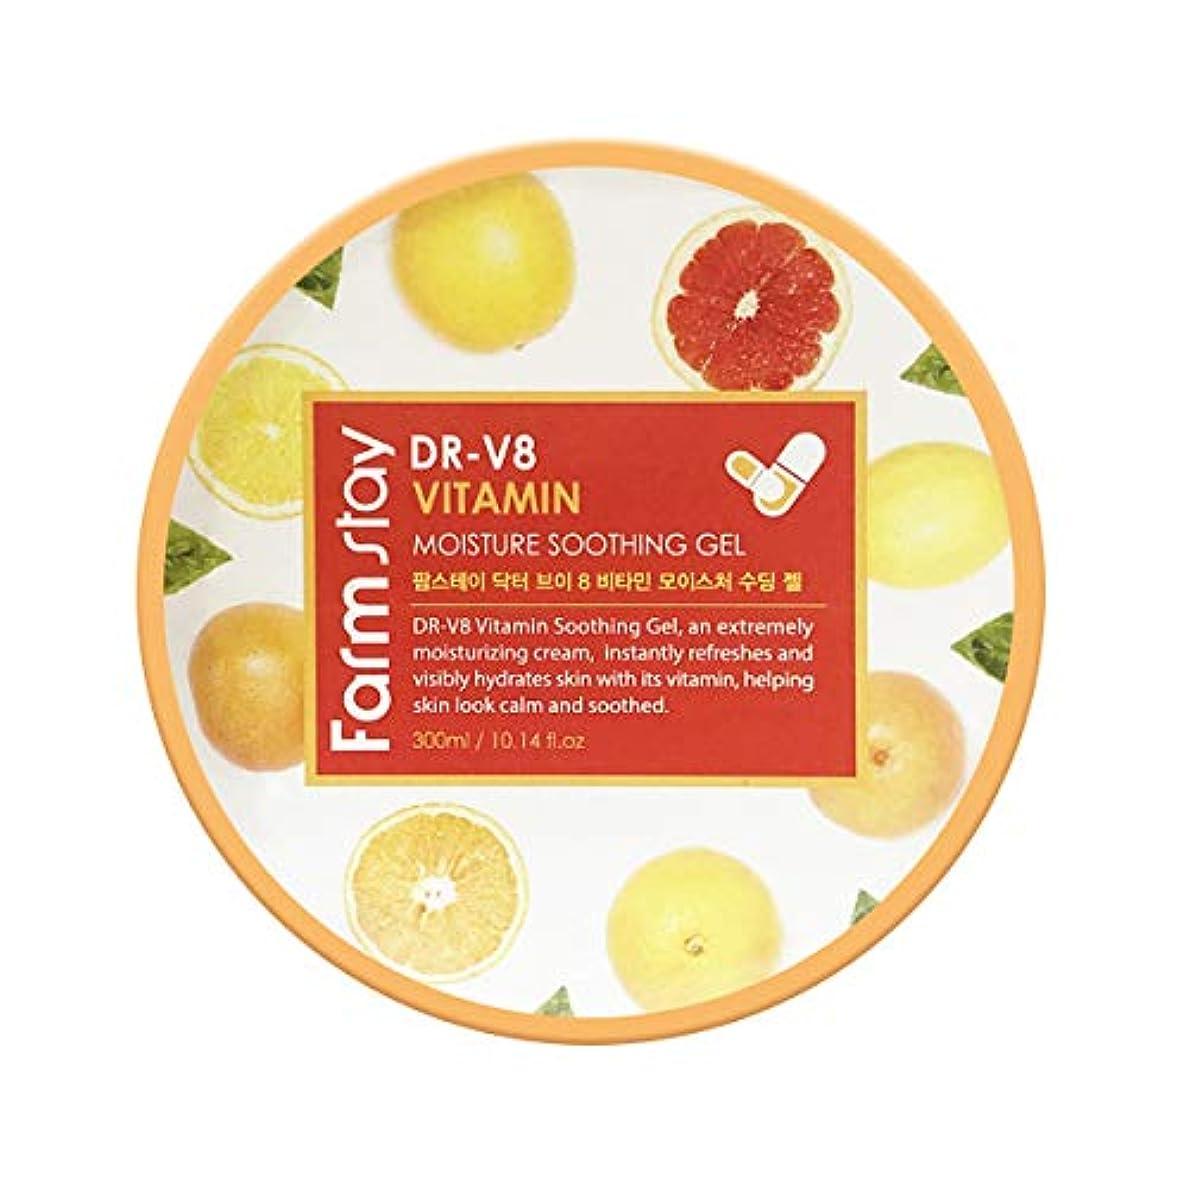 音楽を聴く療法花瓶[Farmstay] ファームステイ DR-V8 Vitamin ビタミン Moisture Soothing Gel スディンジェル300ml